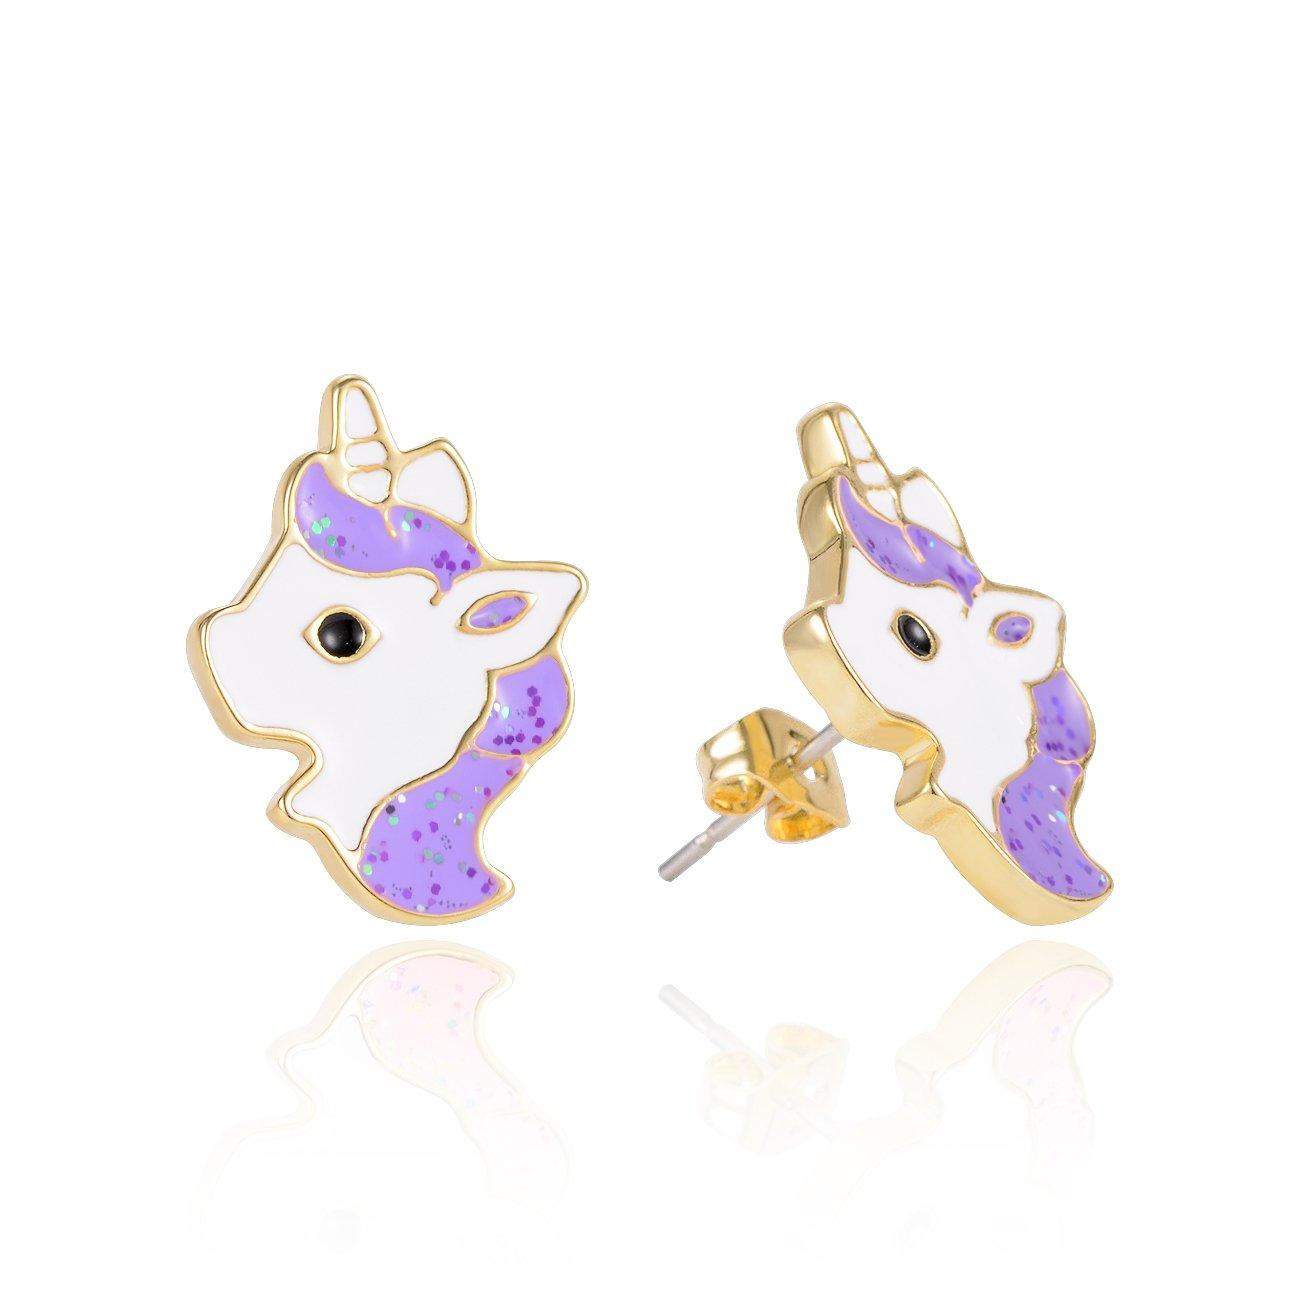 smalto colorati in placcato oro VU100 orecchini brillanti per bambini con motivo con unicorno